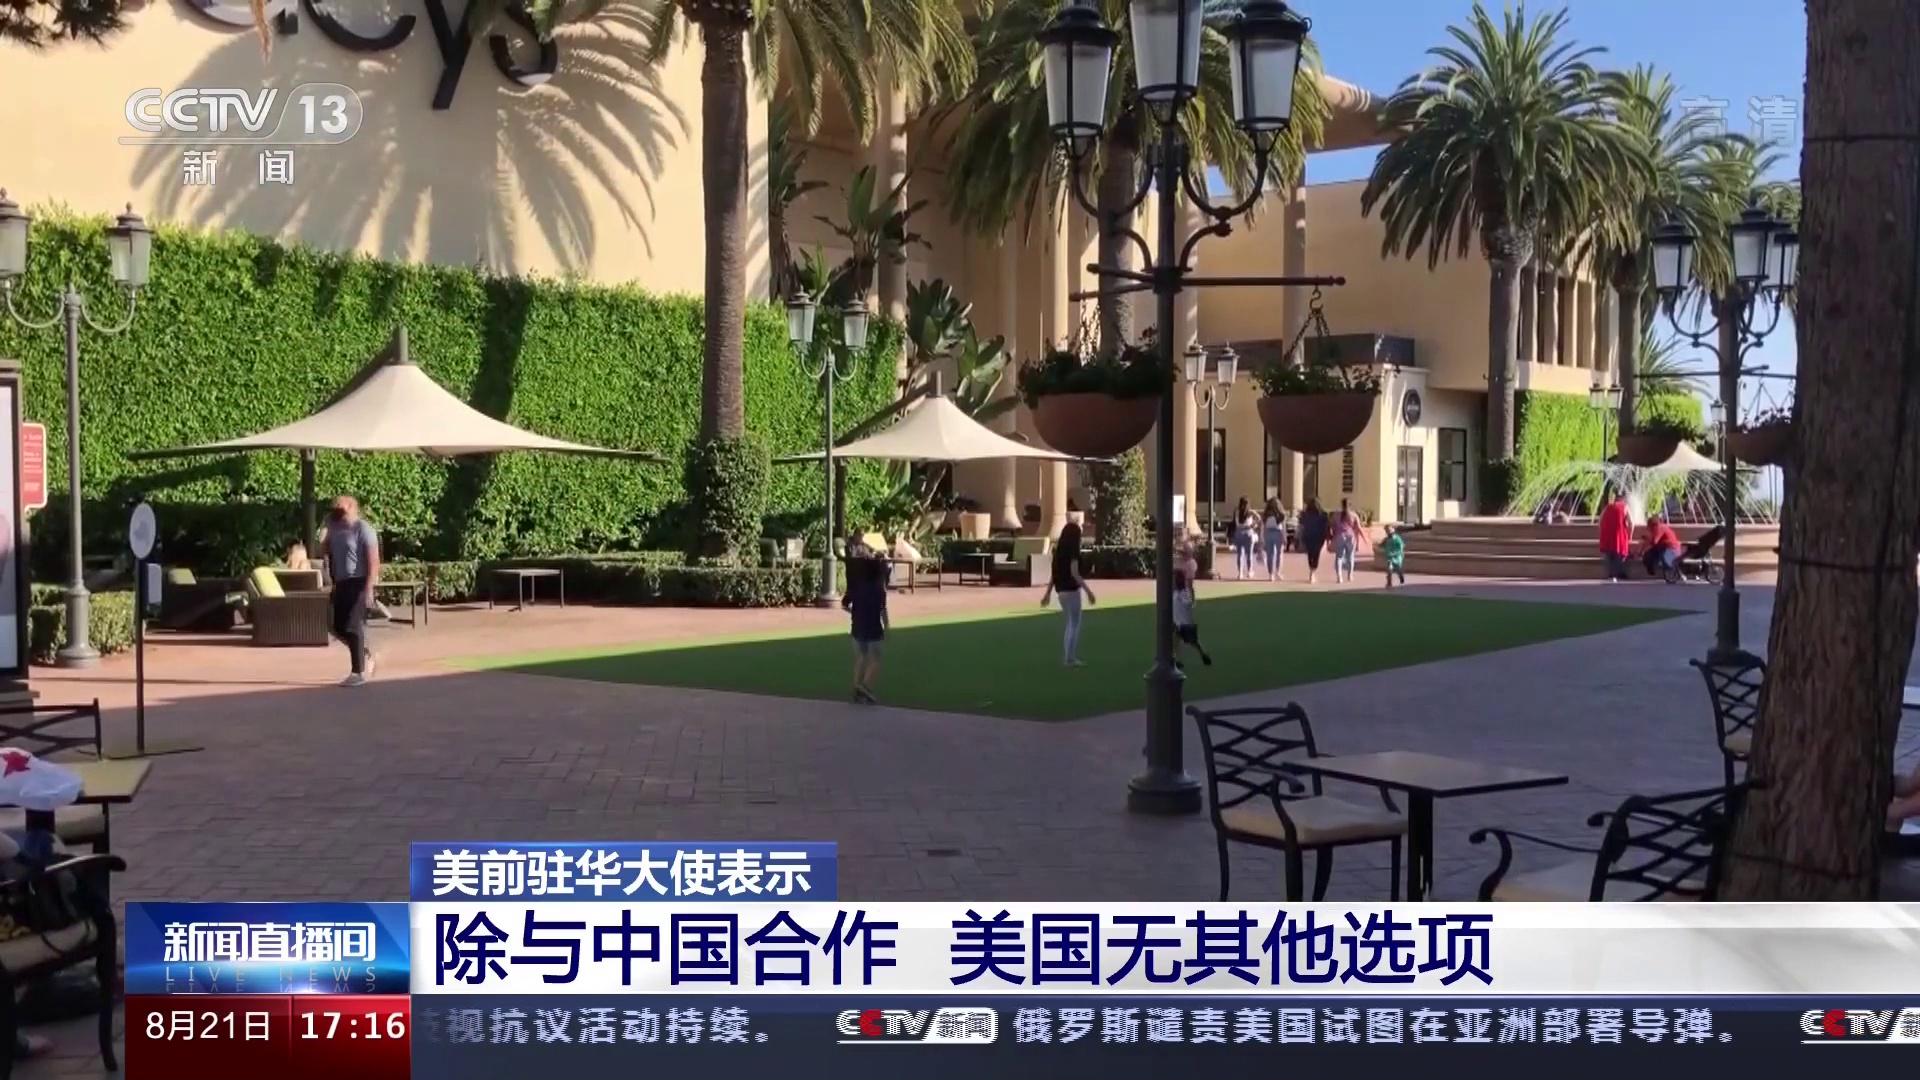 【百度优化大师】_美国前驻华大使:中国发展不可能阻止 除了合作美国无其他选项